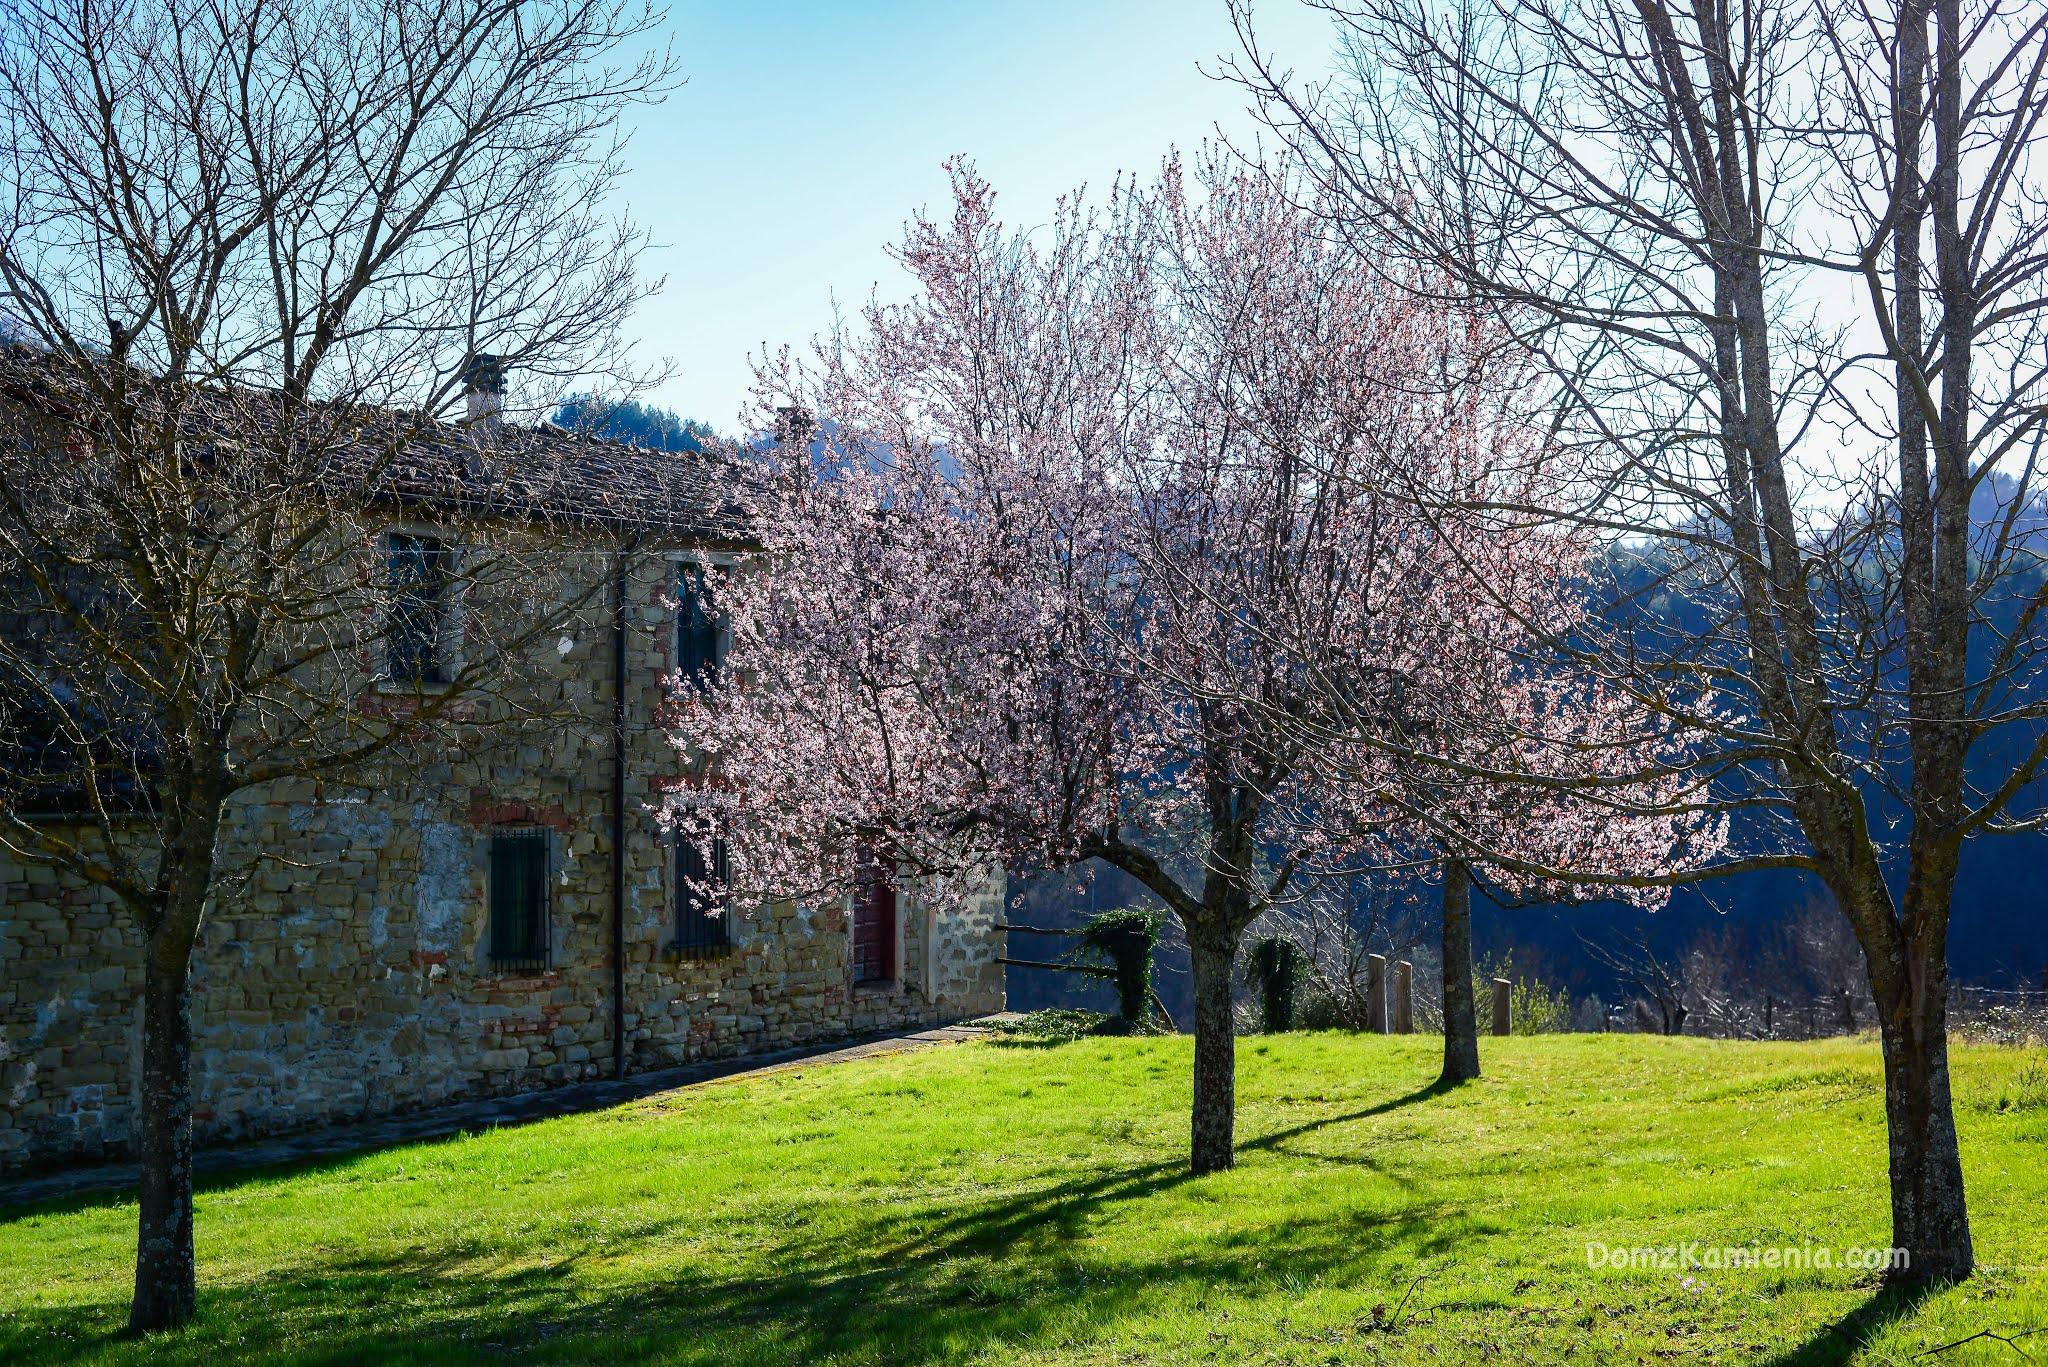 Marradi, Dom z Kamienia, blog o życiu w Toskanii